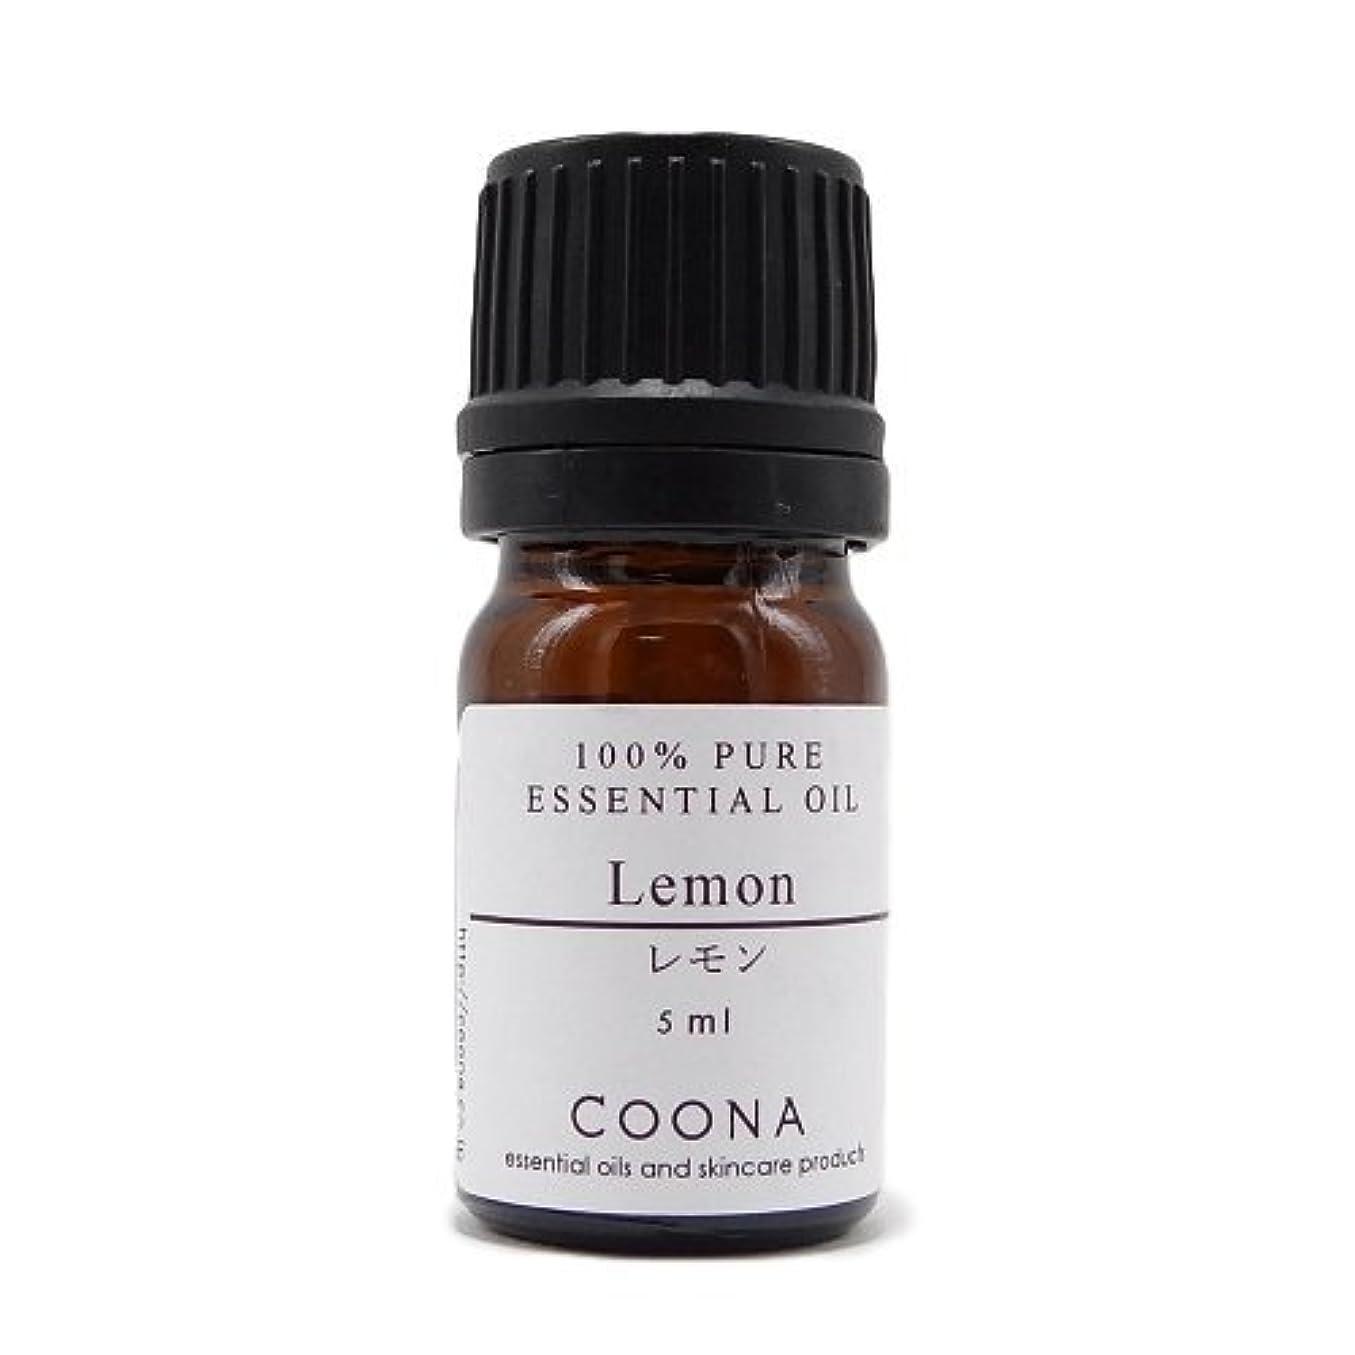 地中海しないピースレモン 5 ml (COONA エッセンシャルオイル/アロマオイル/精油)